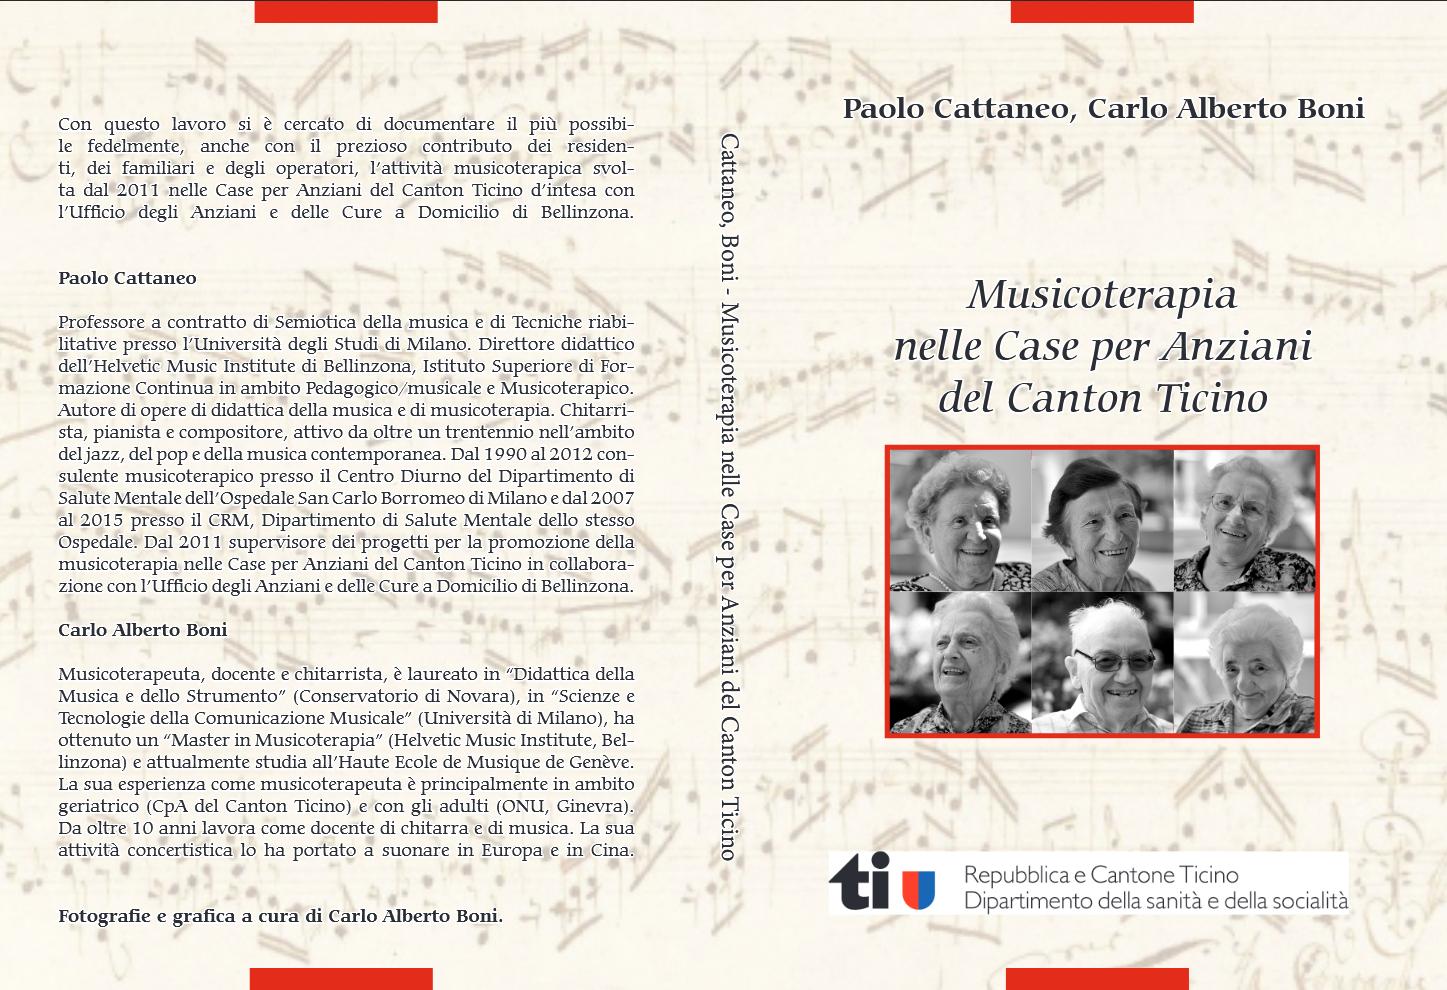 Musicoterapia nelle case per anziani del Canton Ticino